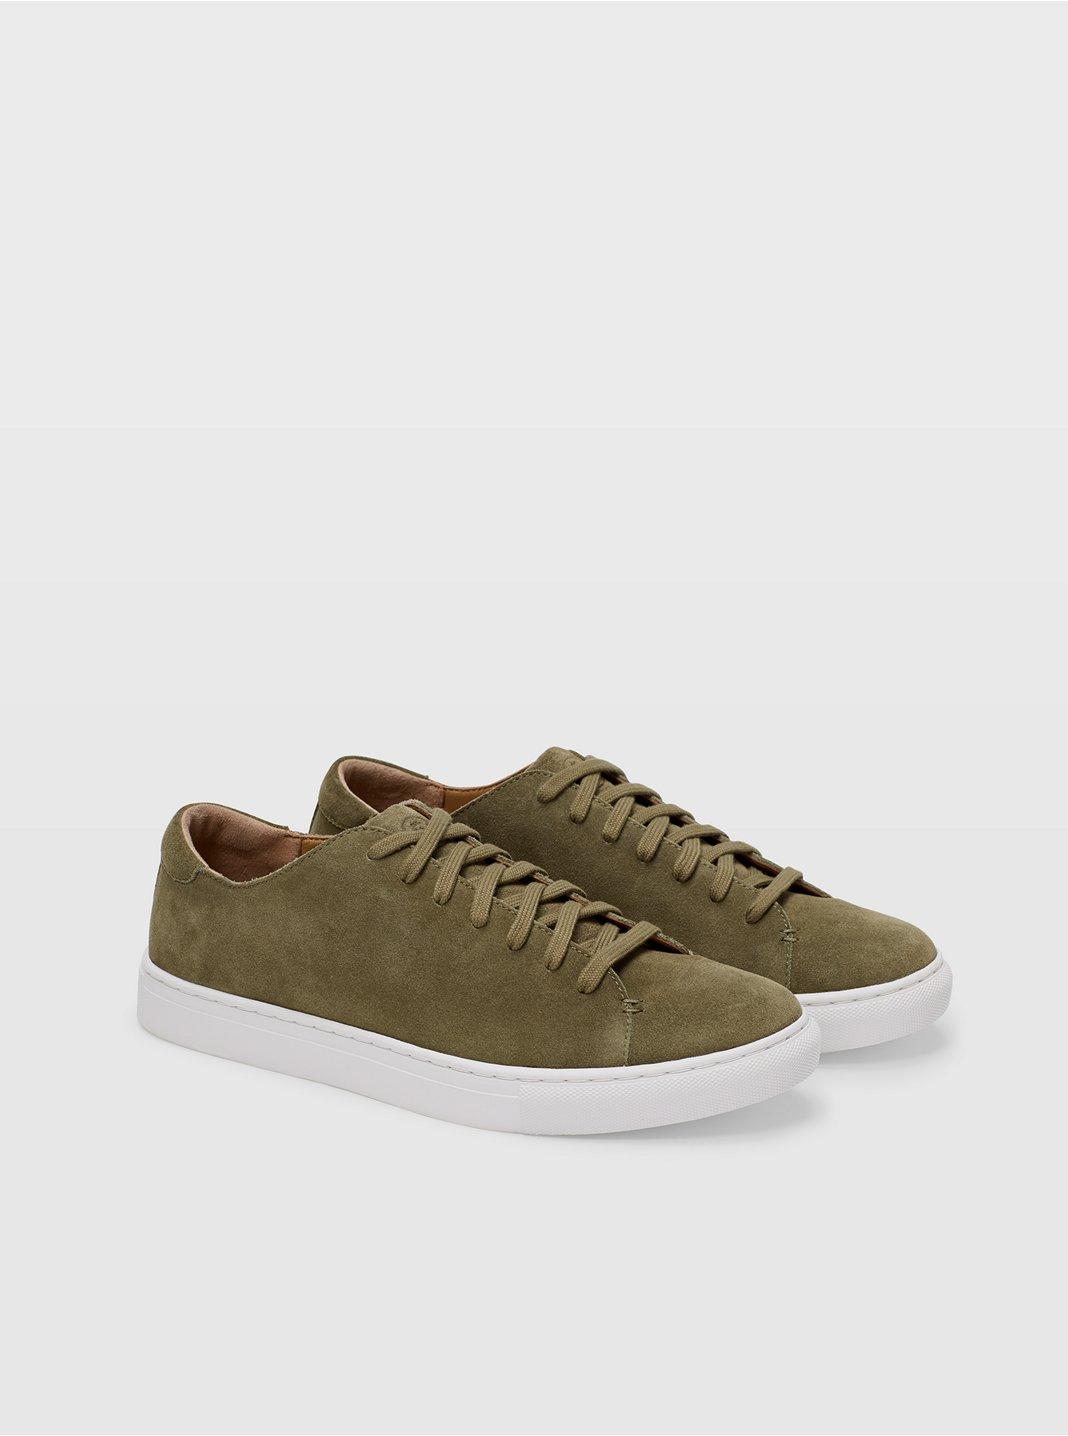 Club Monaco Suede Sneaker